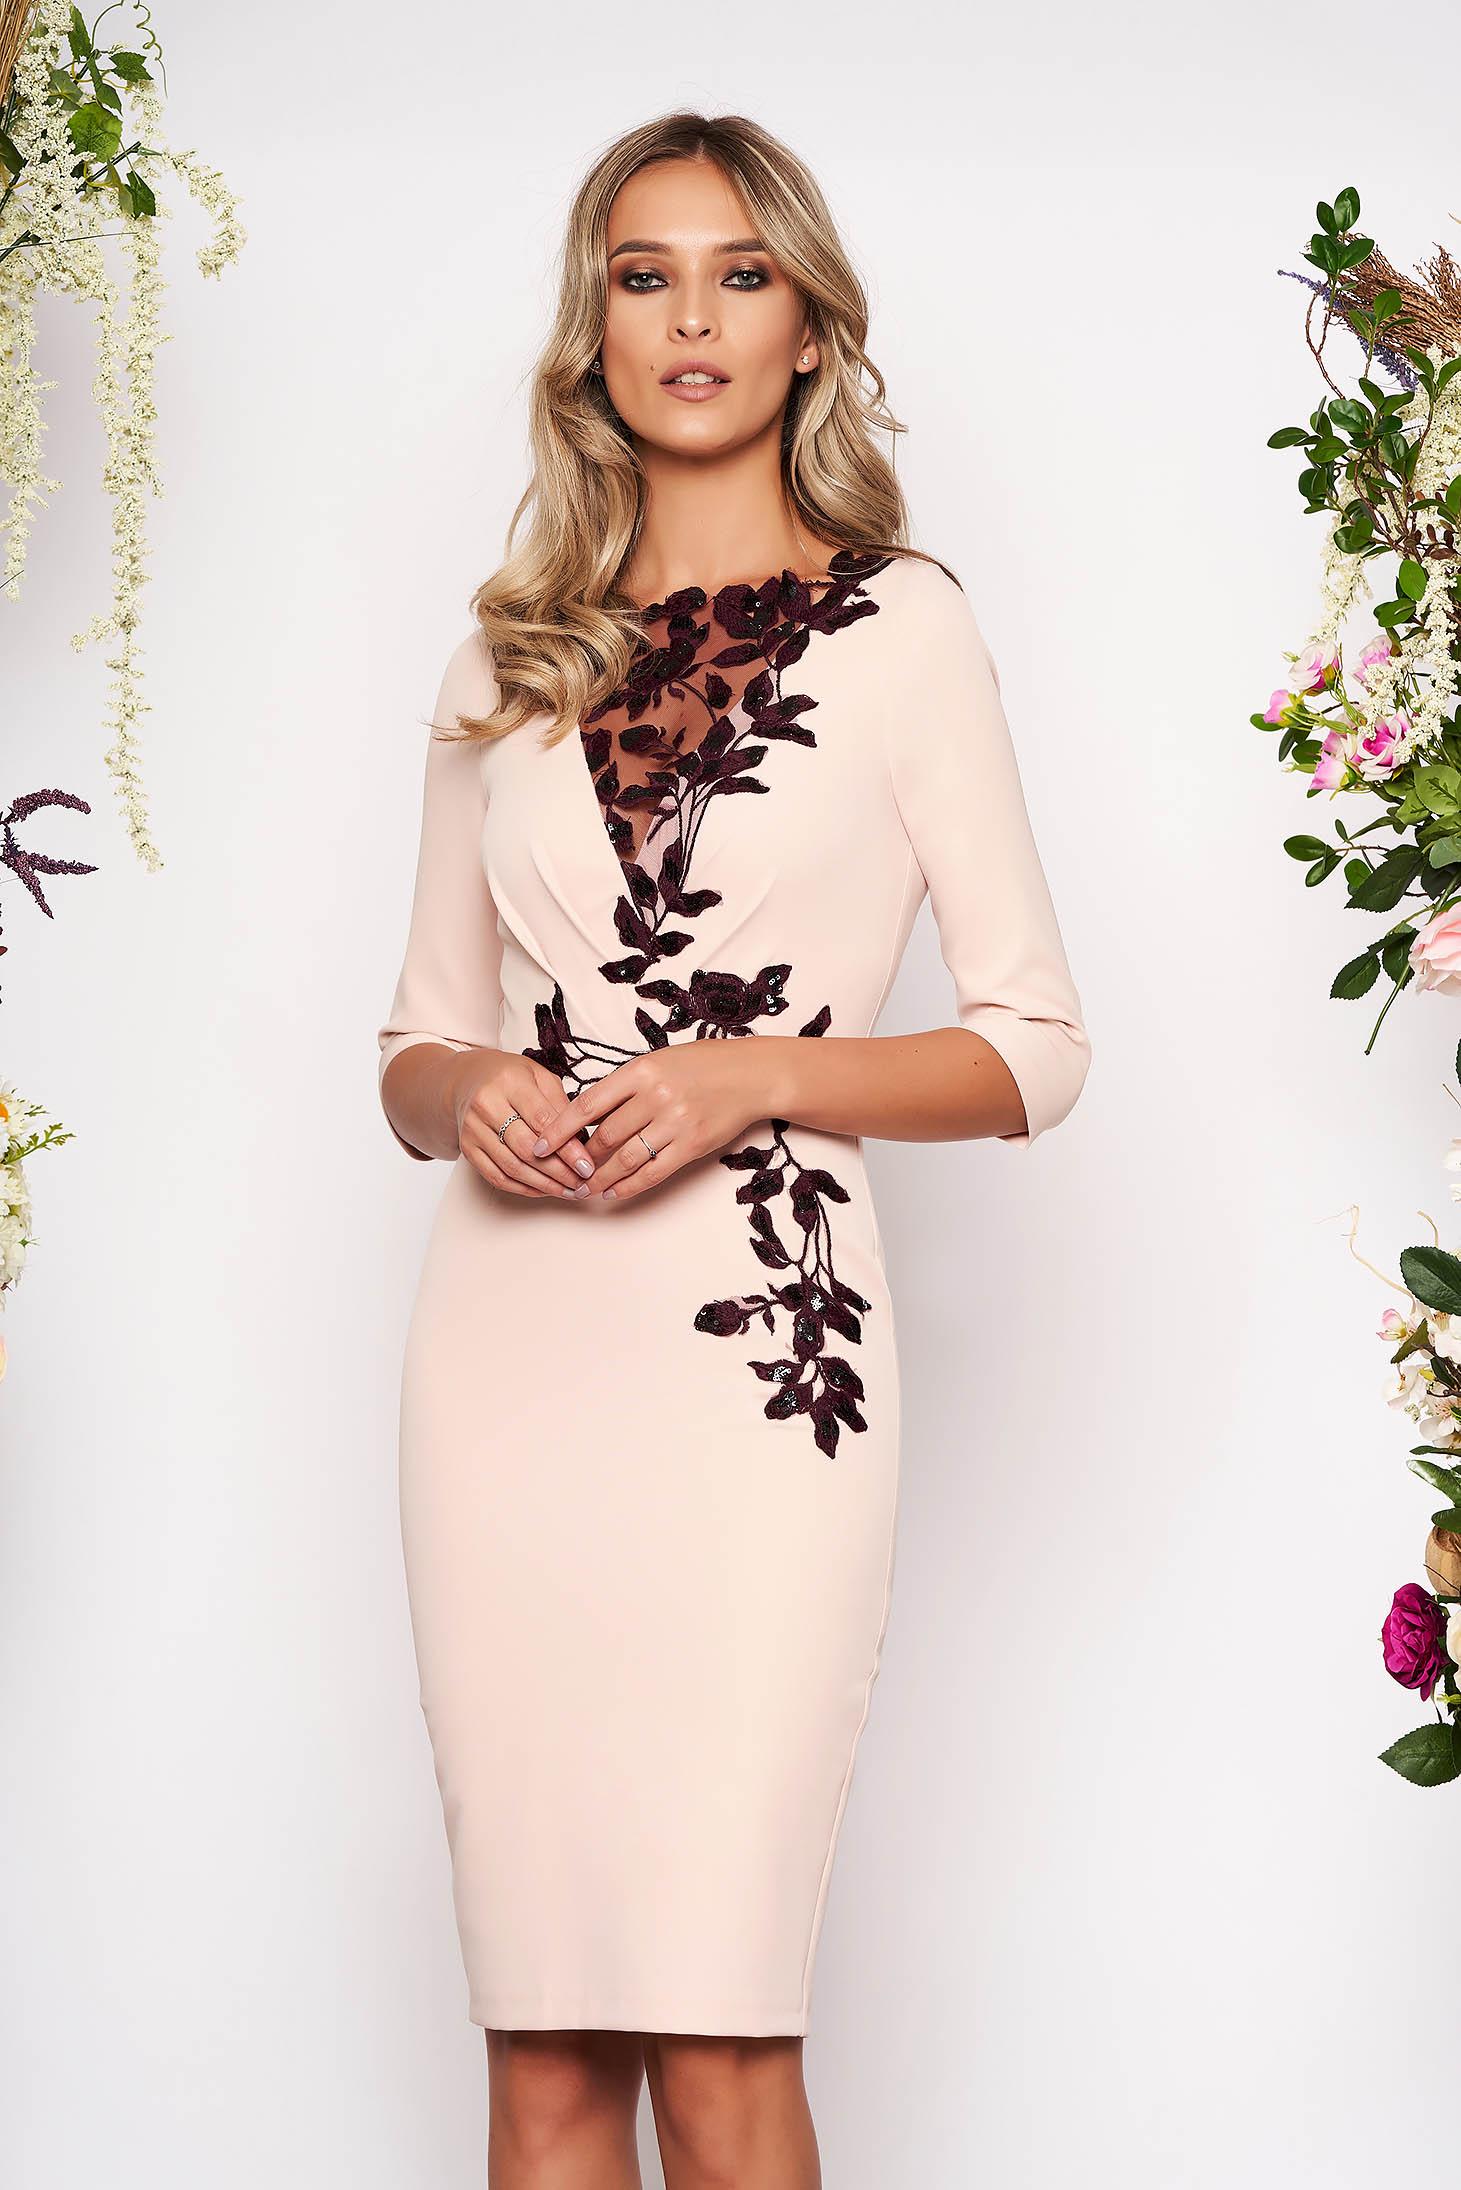 Rochie roz prafuit midi de ocazie din stofa elastica cu maneci trei-sferturi si broderie florala